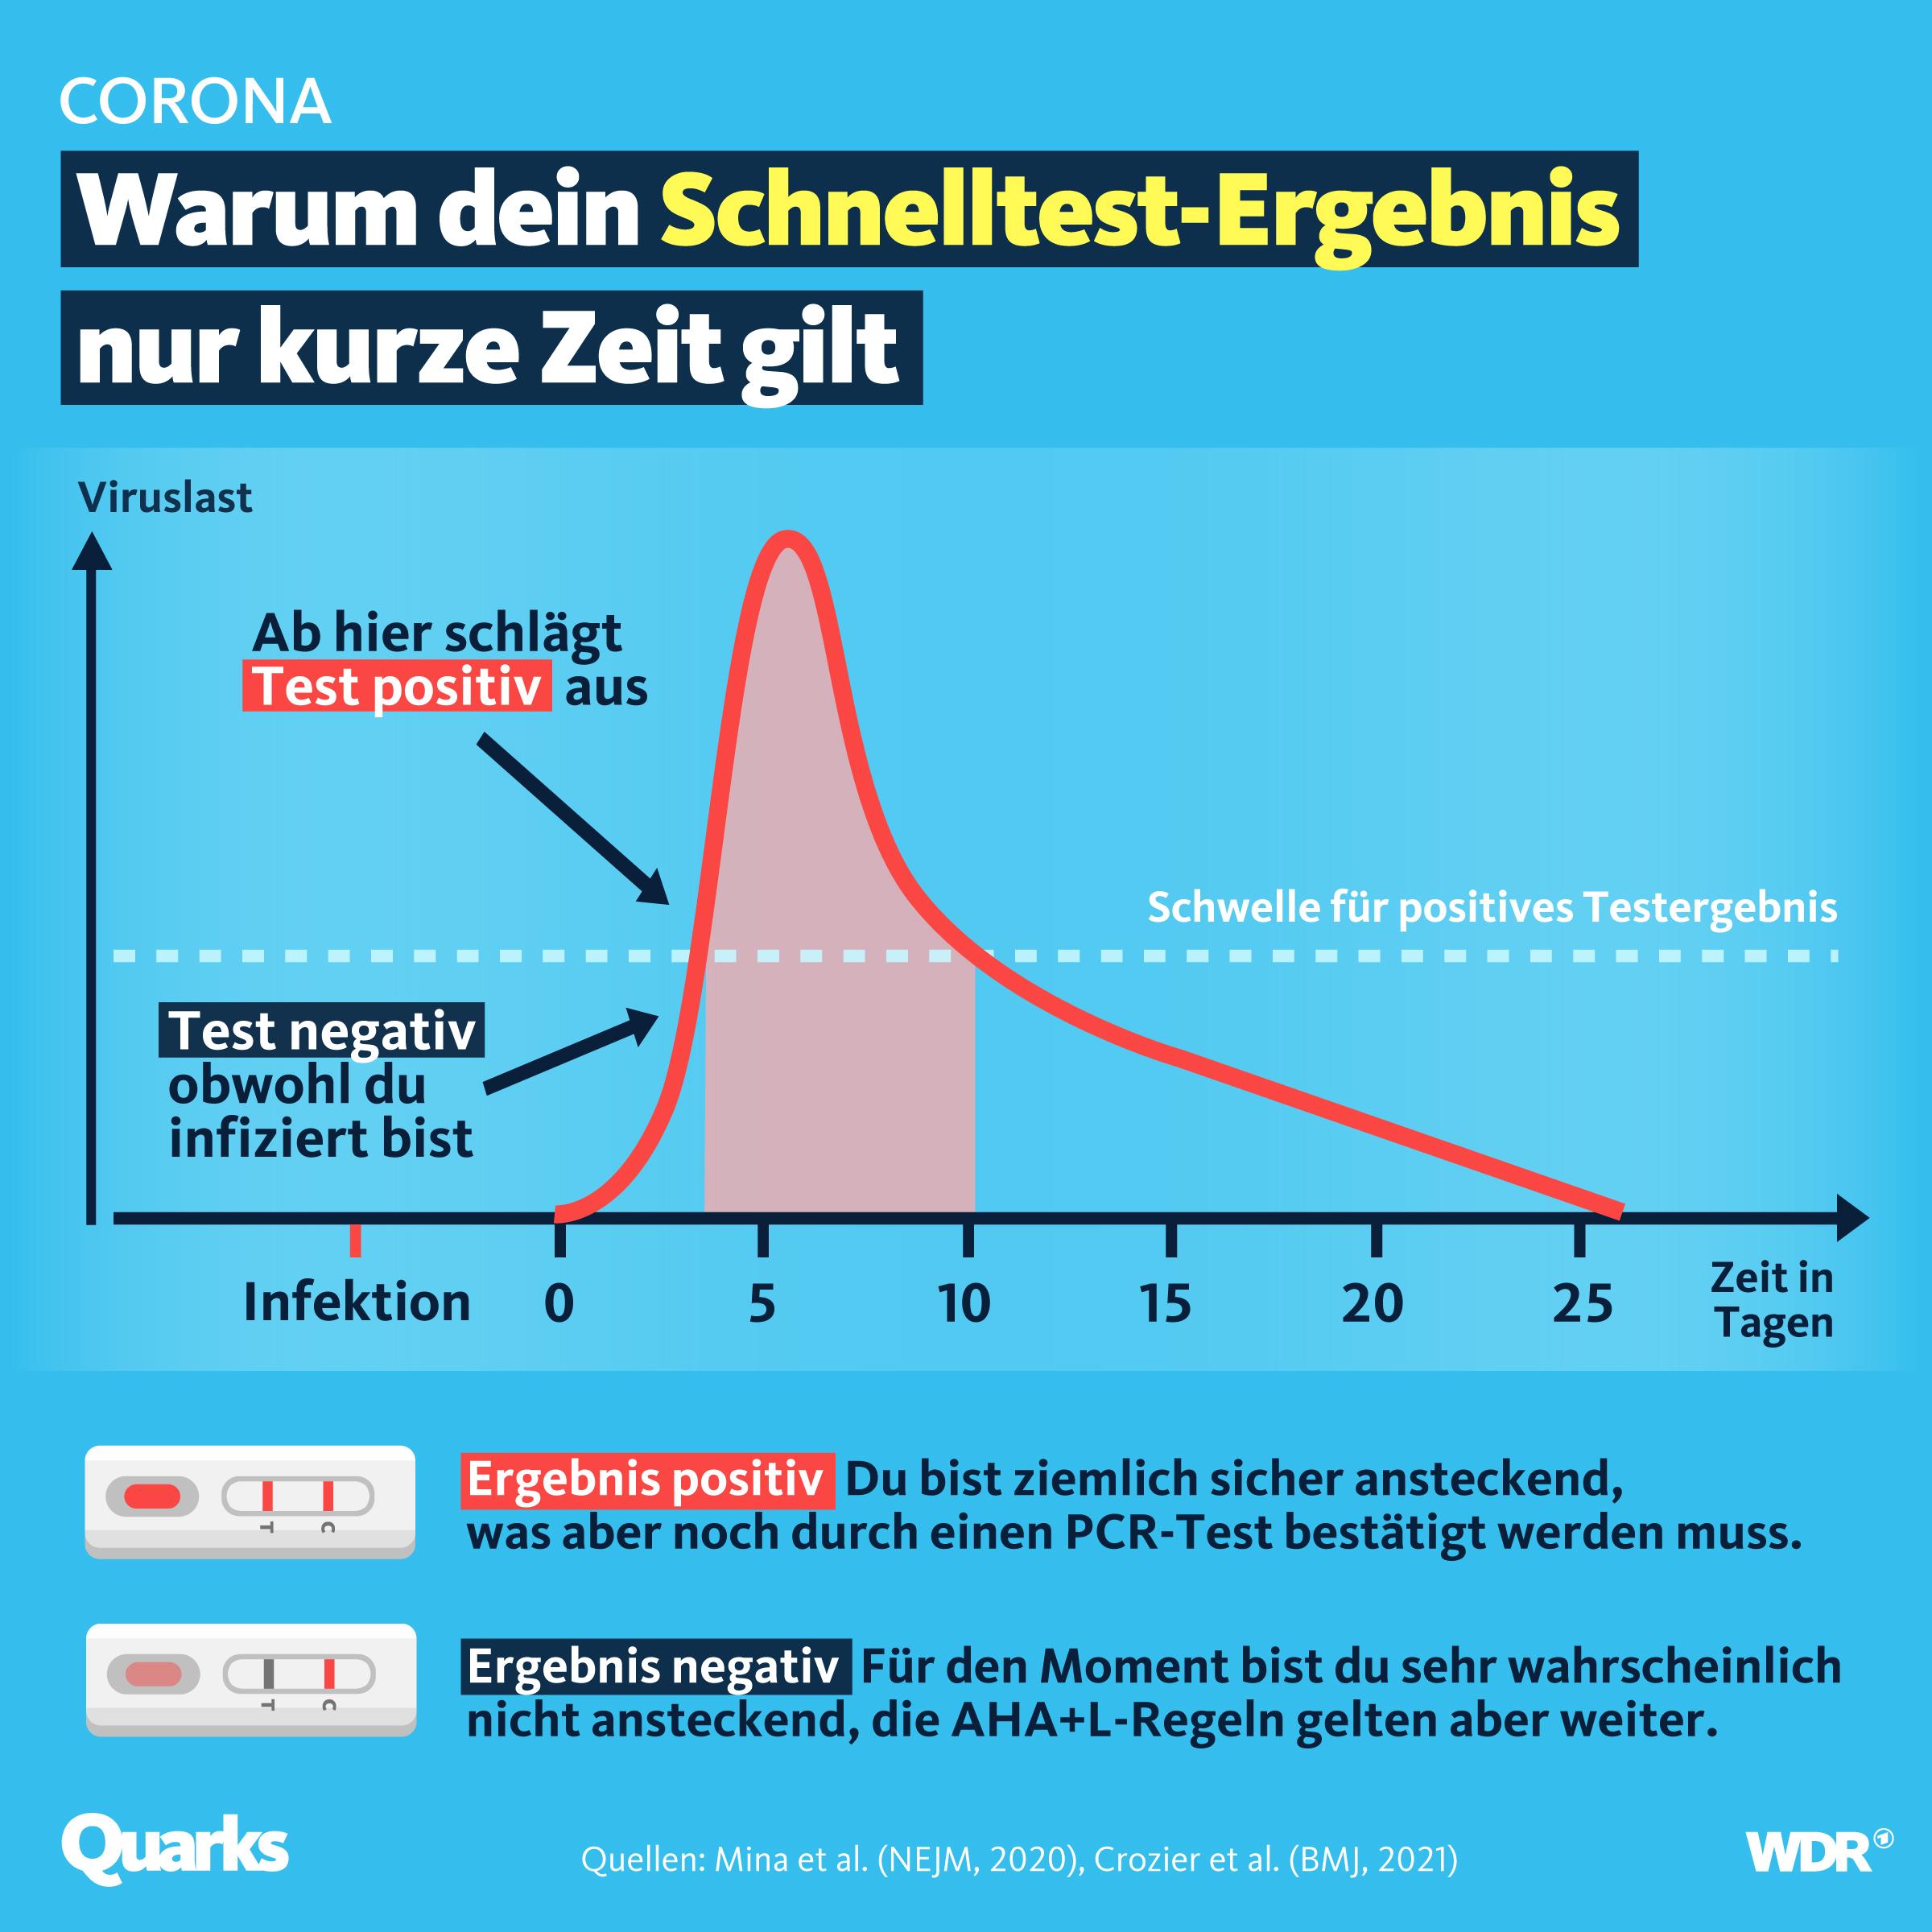 Grafik mit Kurve, wann ein Schnelltest anschlägt